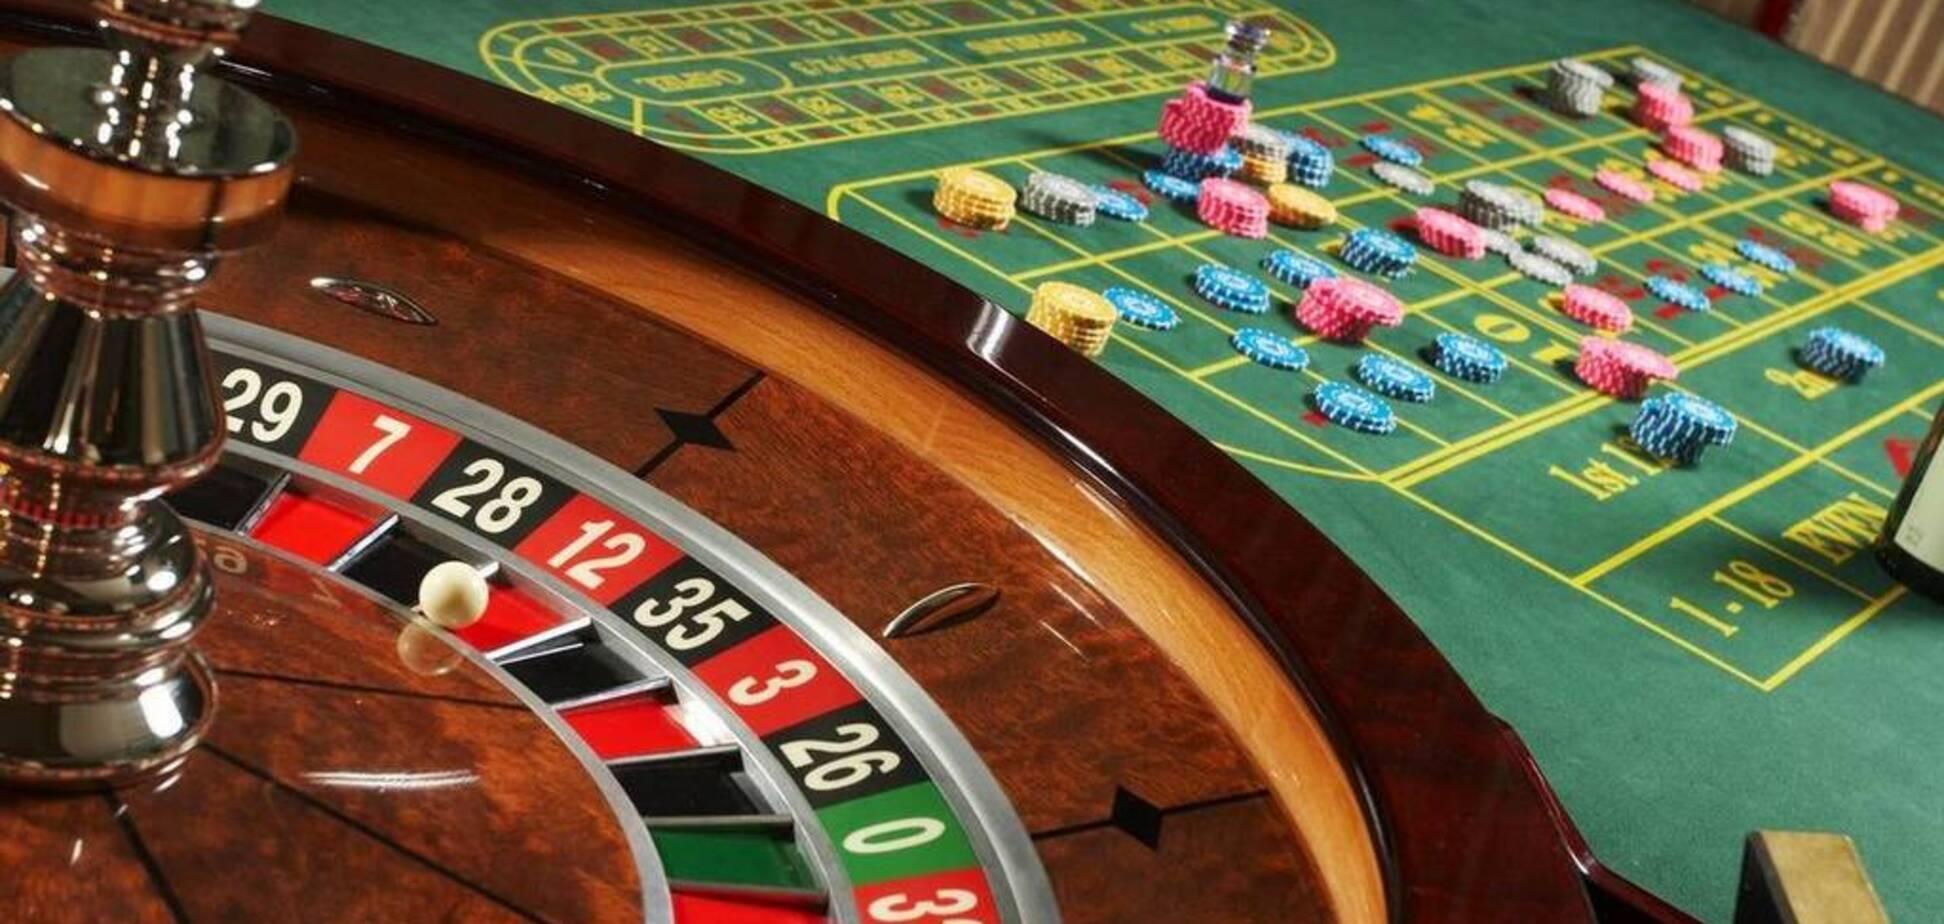 Україна не готова до такої легалізації азартних ігор